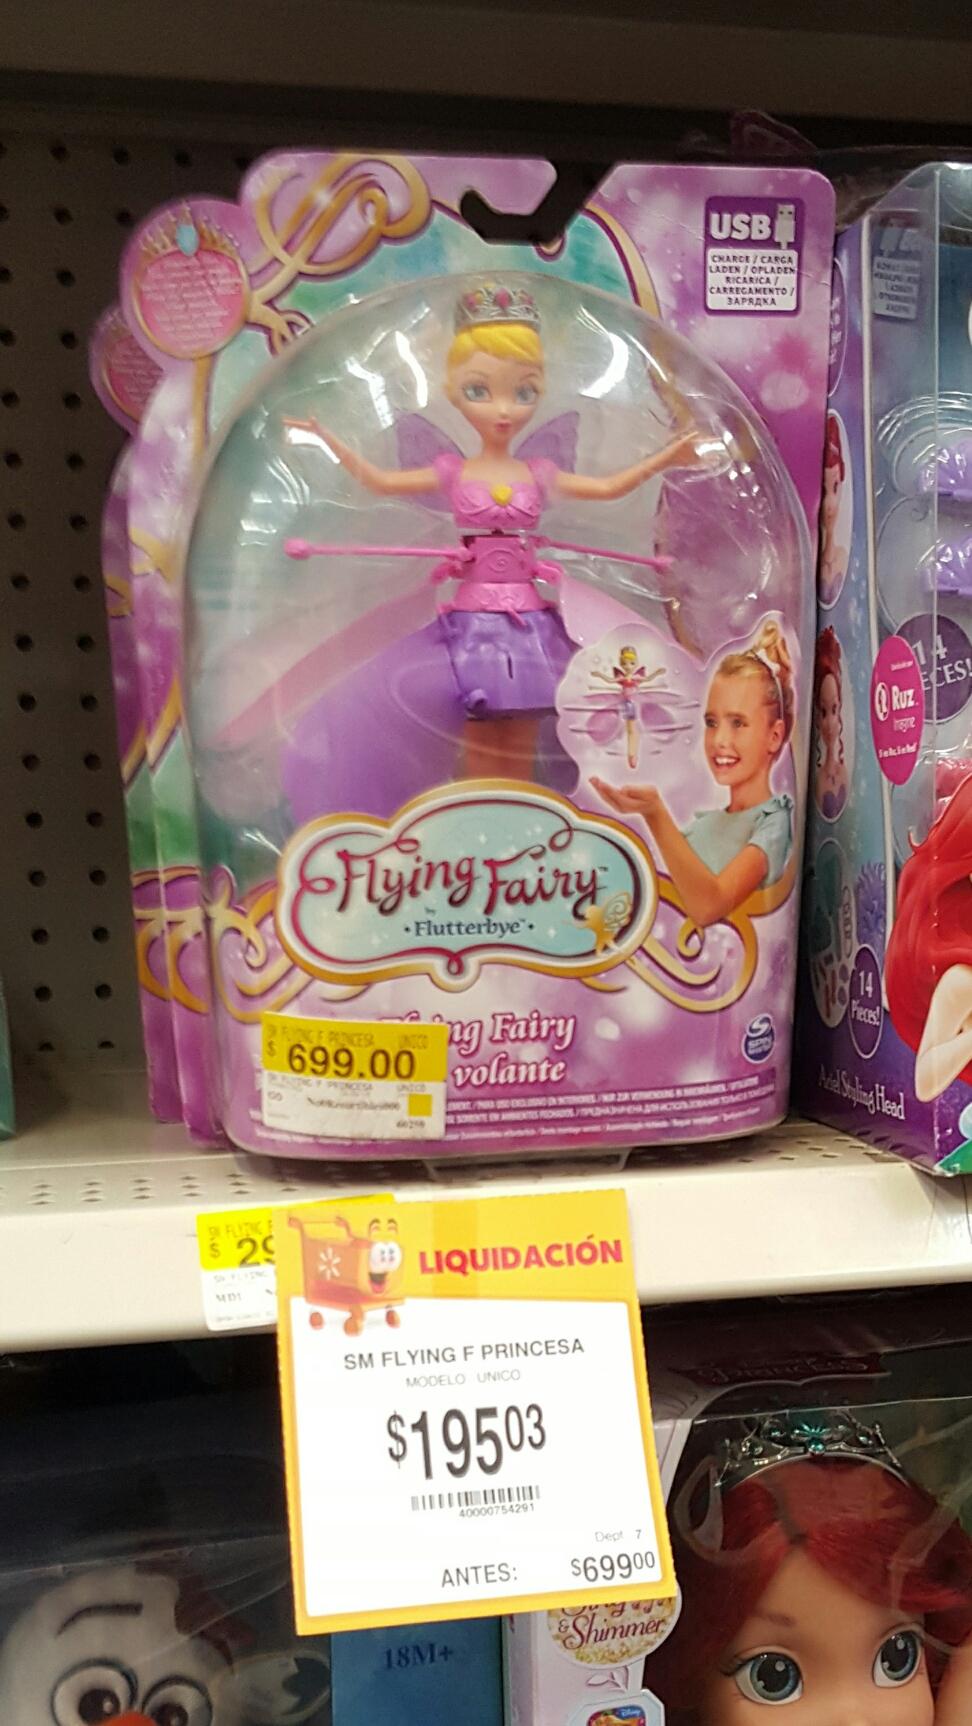 Walmart: Liquidación de juguetes Hada voladora de $699 a $195.03 y otros.